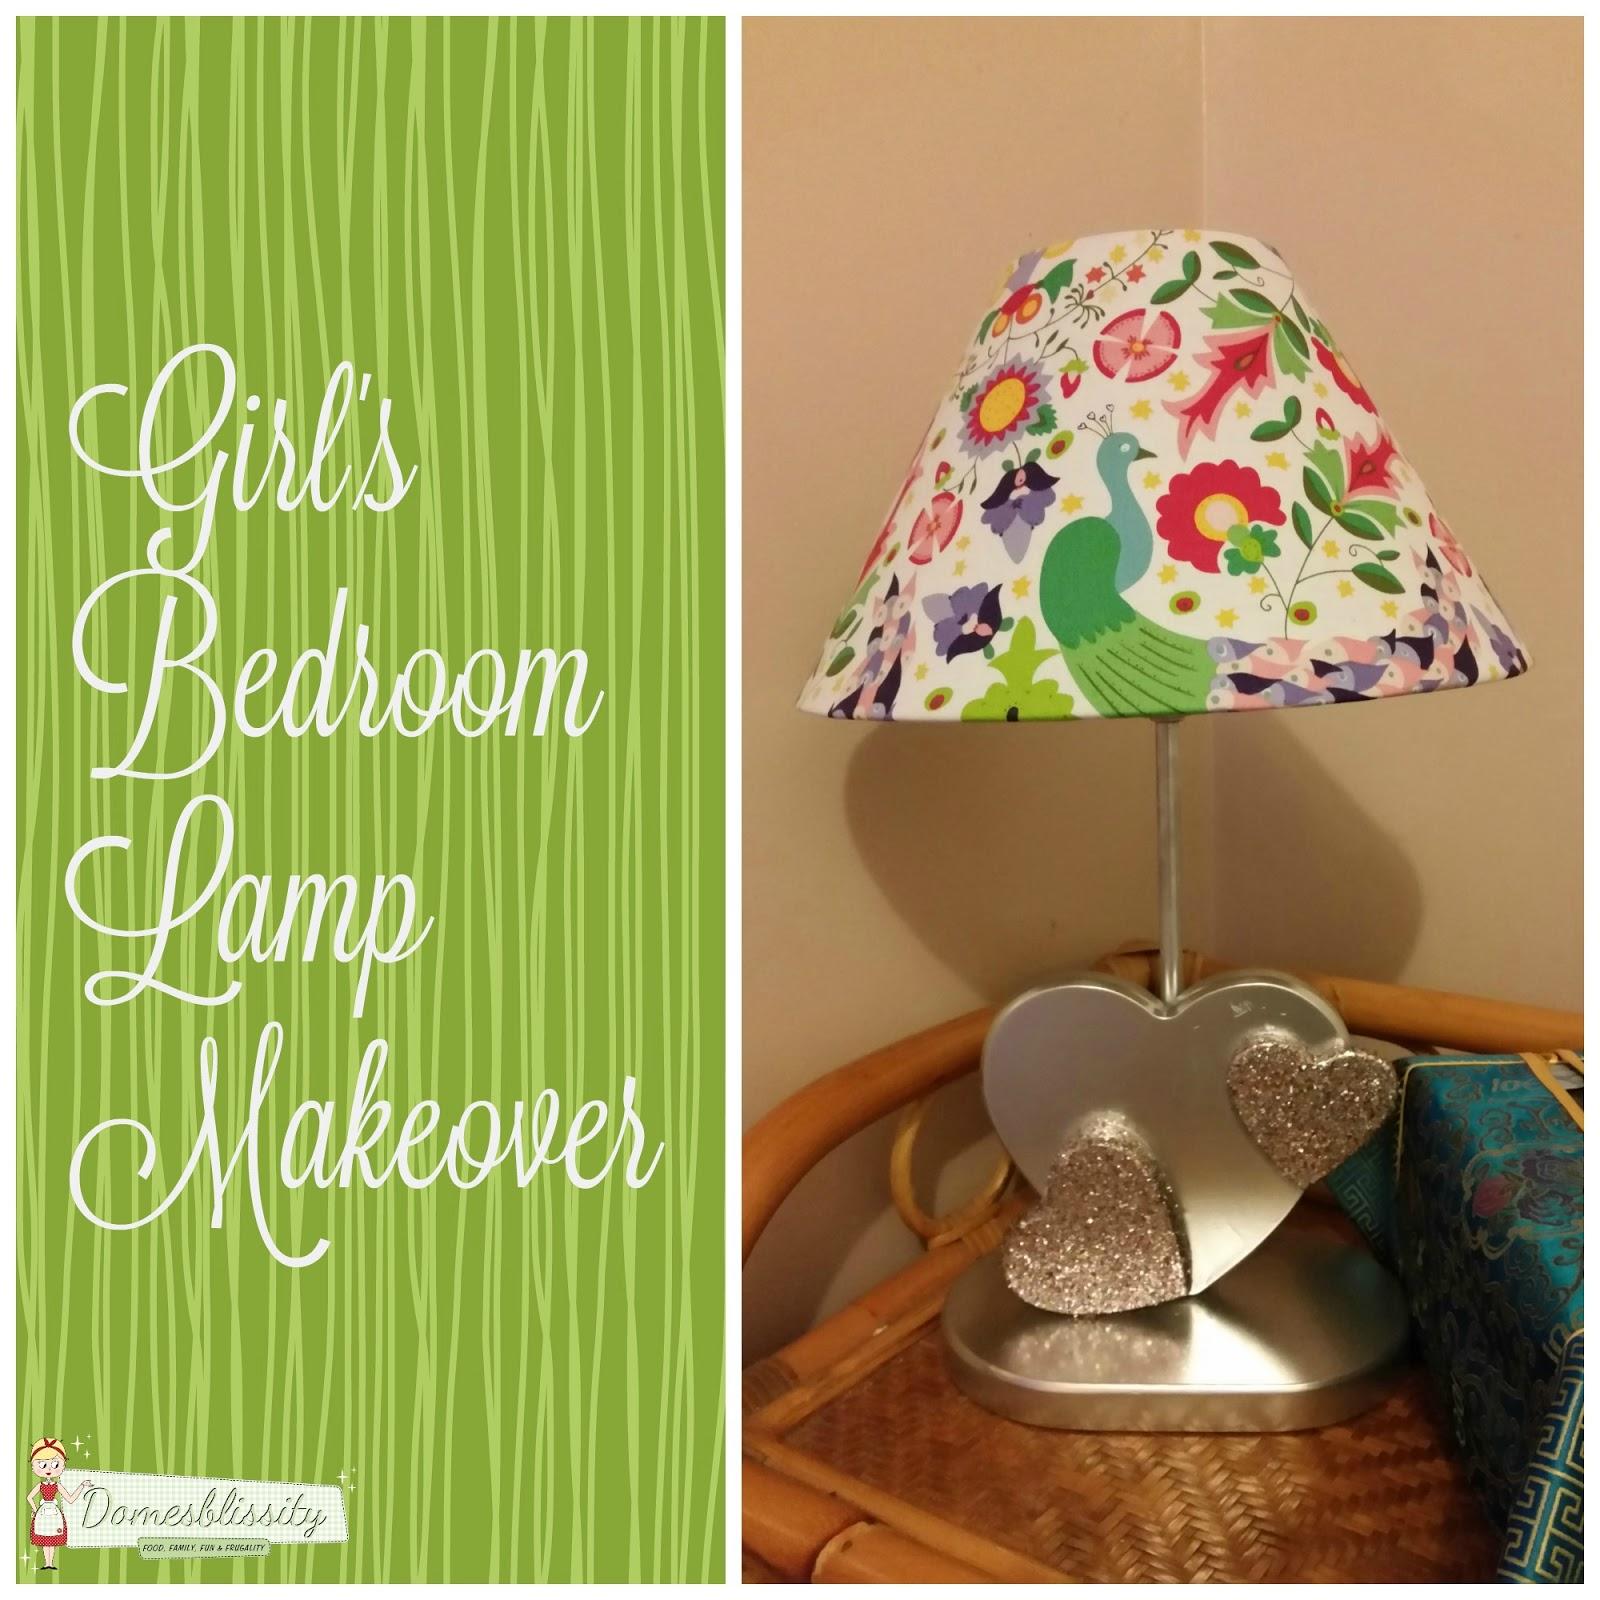 Girl\'s Bedroom Lamp Makeover - Domesblissity